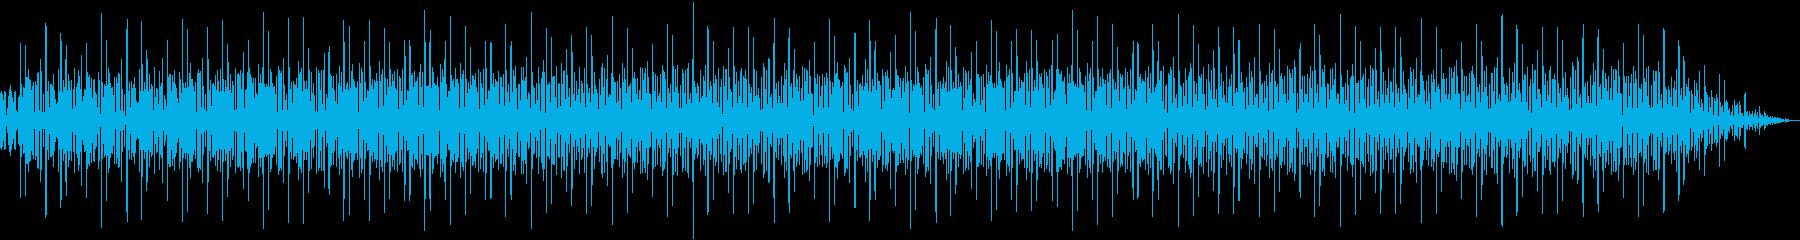 電子音がコミカルなエレクトロミュージックの再生済みの波形